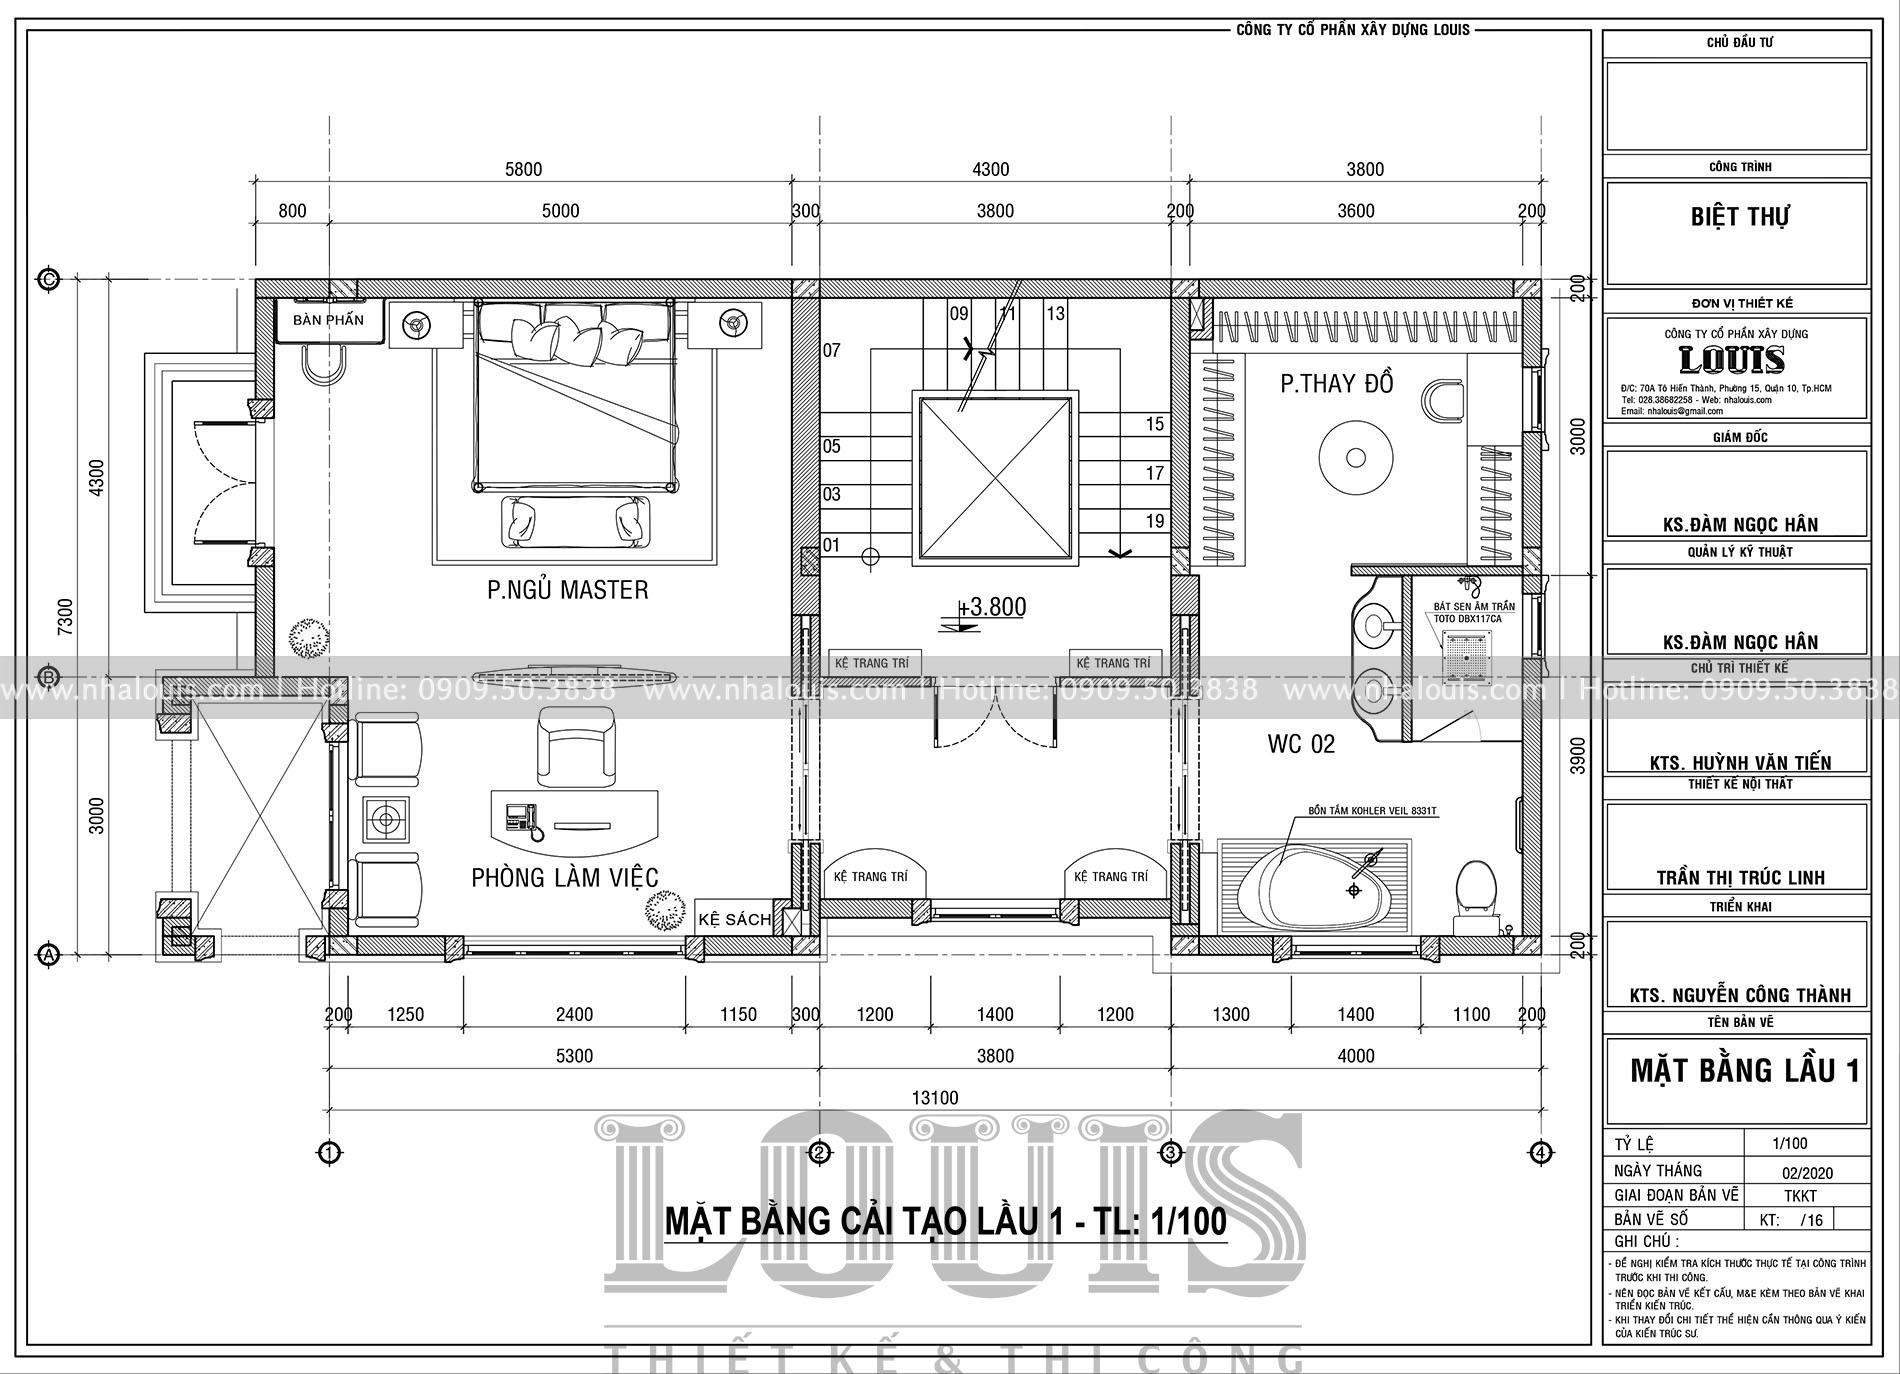 mặt bằng lầu 1 thiết kế nội thất biệt thự tân cổ điển tại quận 2